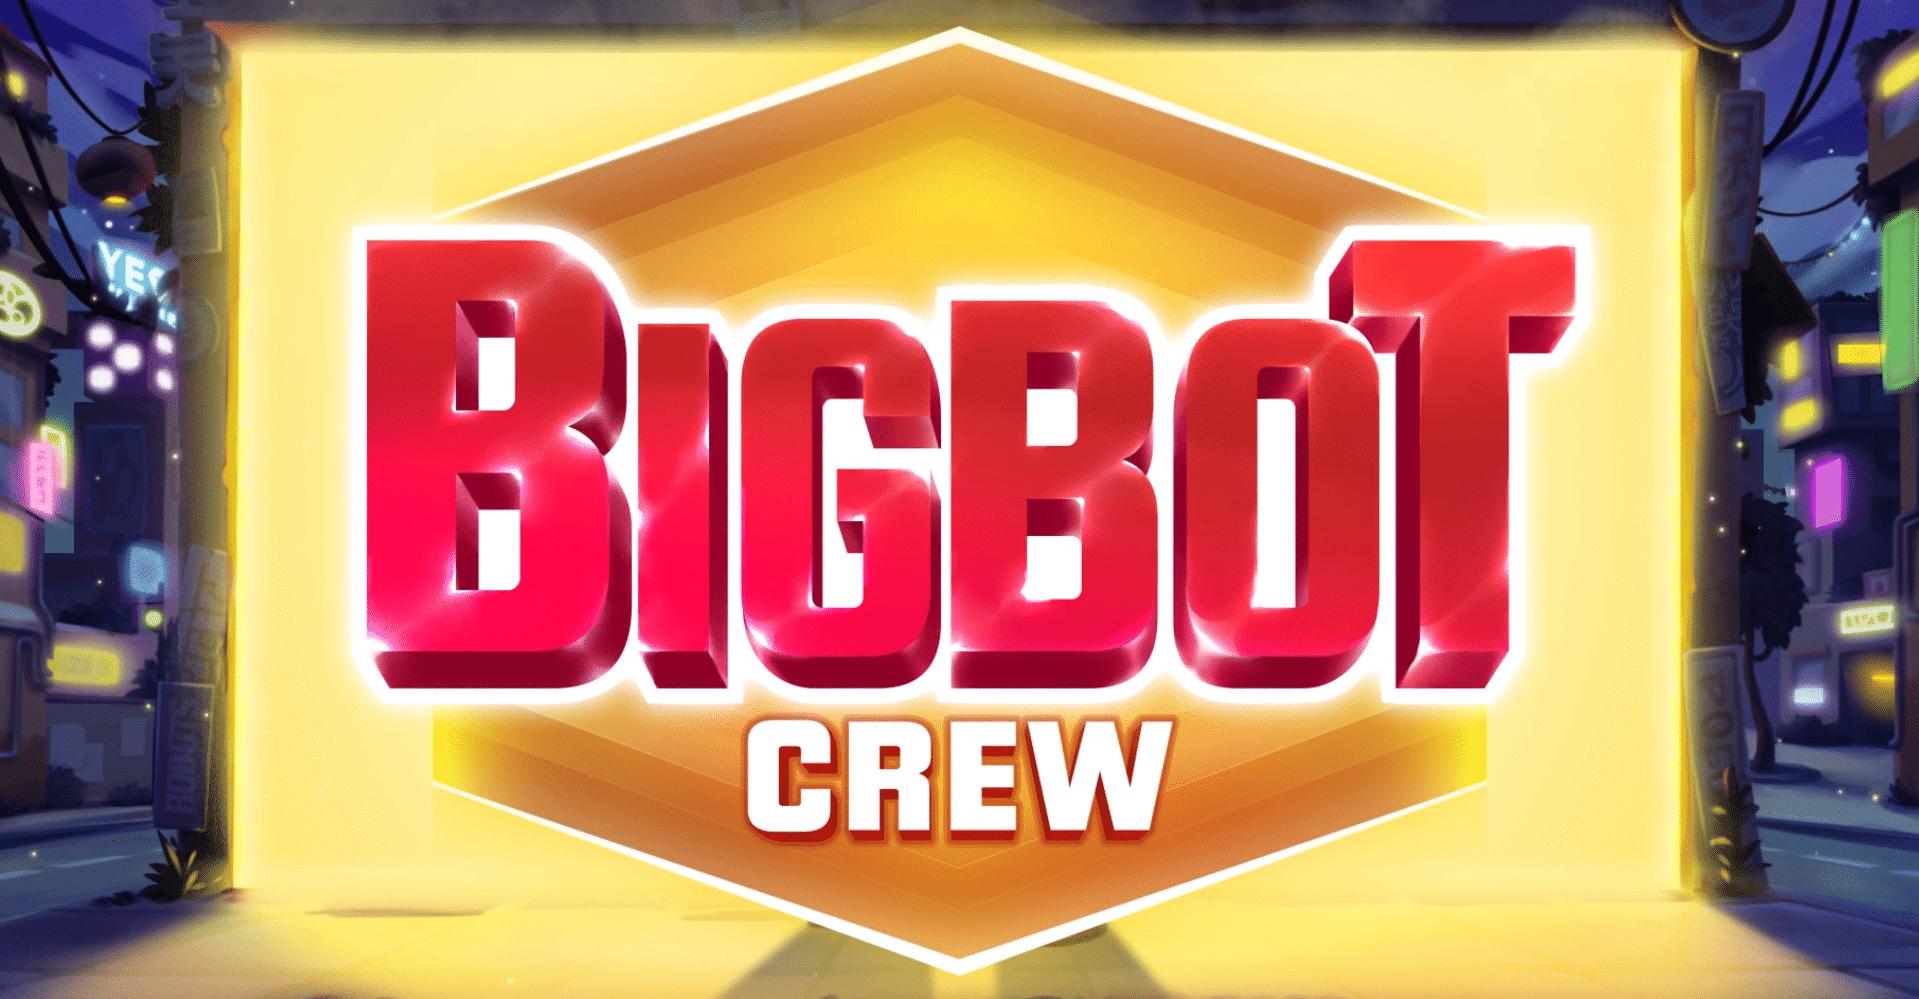 BigBot Crew, Quickspin